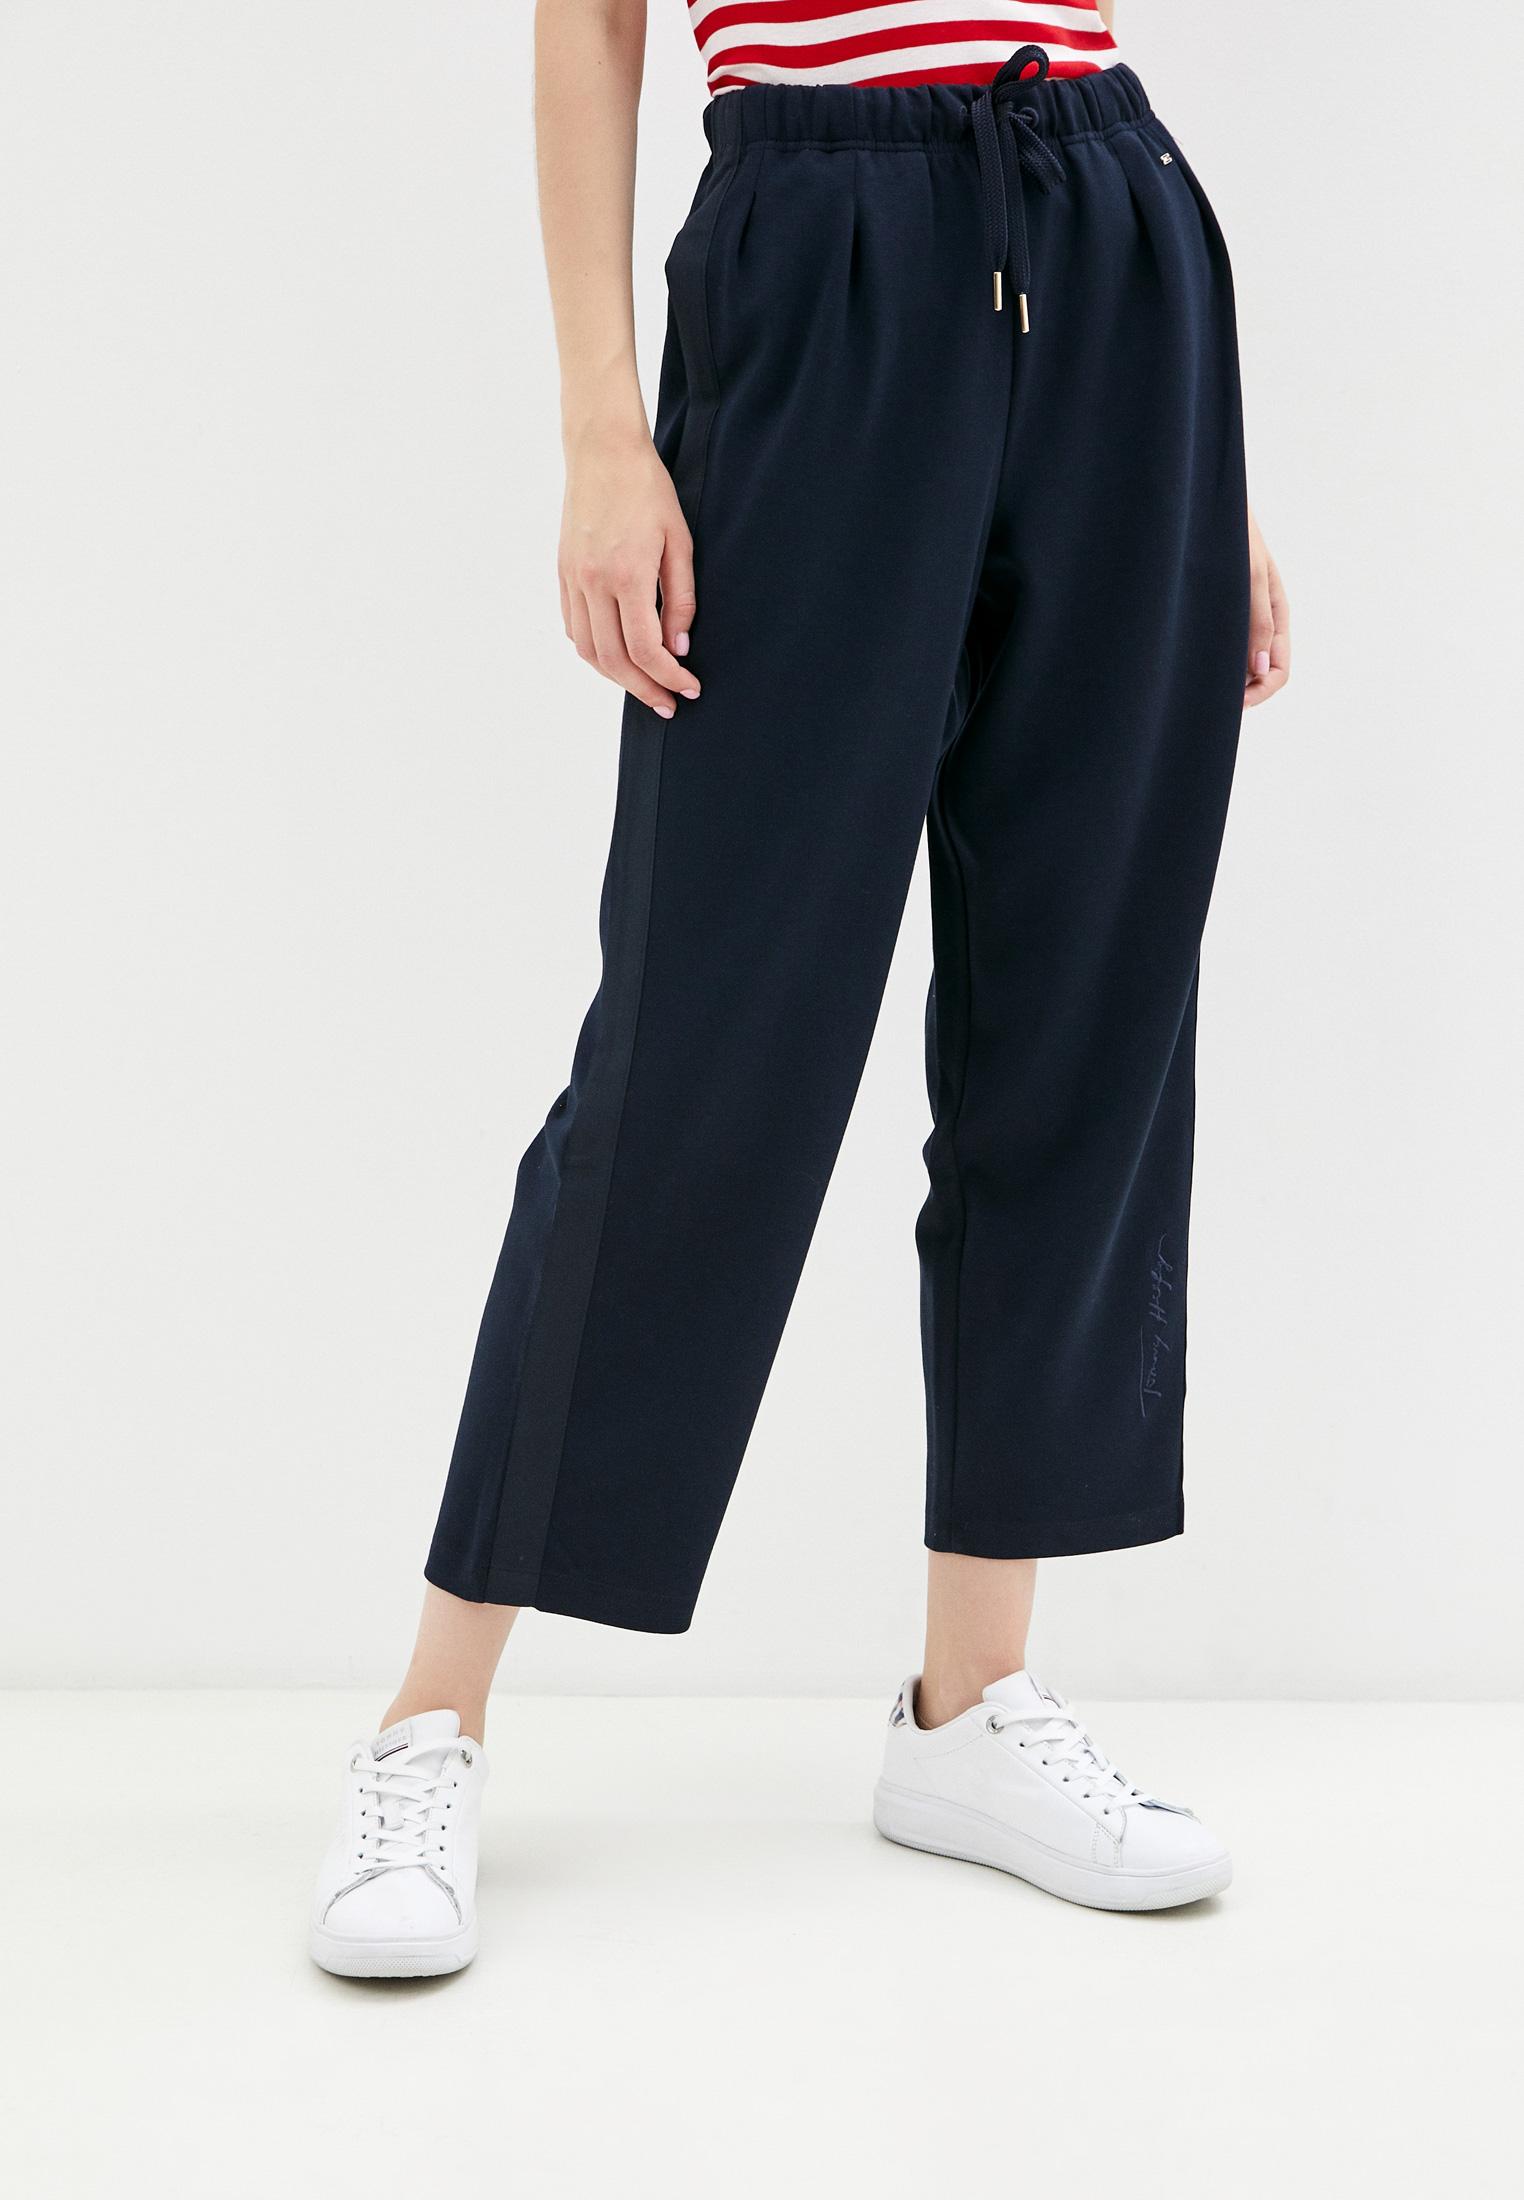 Женские спортивные брюки Tommy Hilfiger (Томми Хилфигер) WW0WW29854